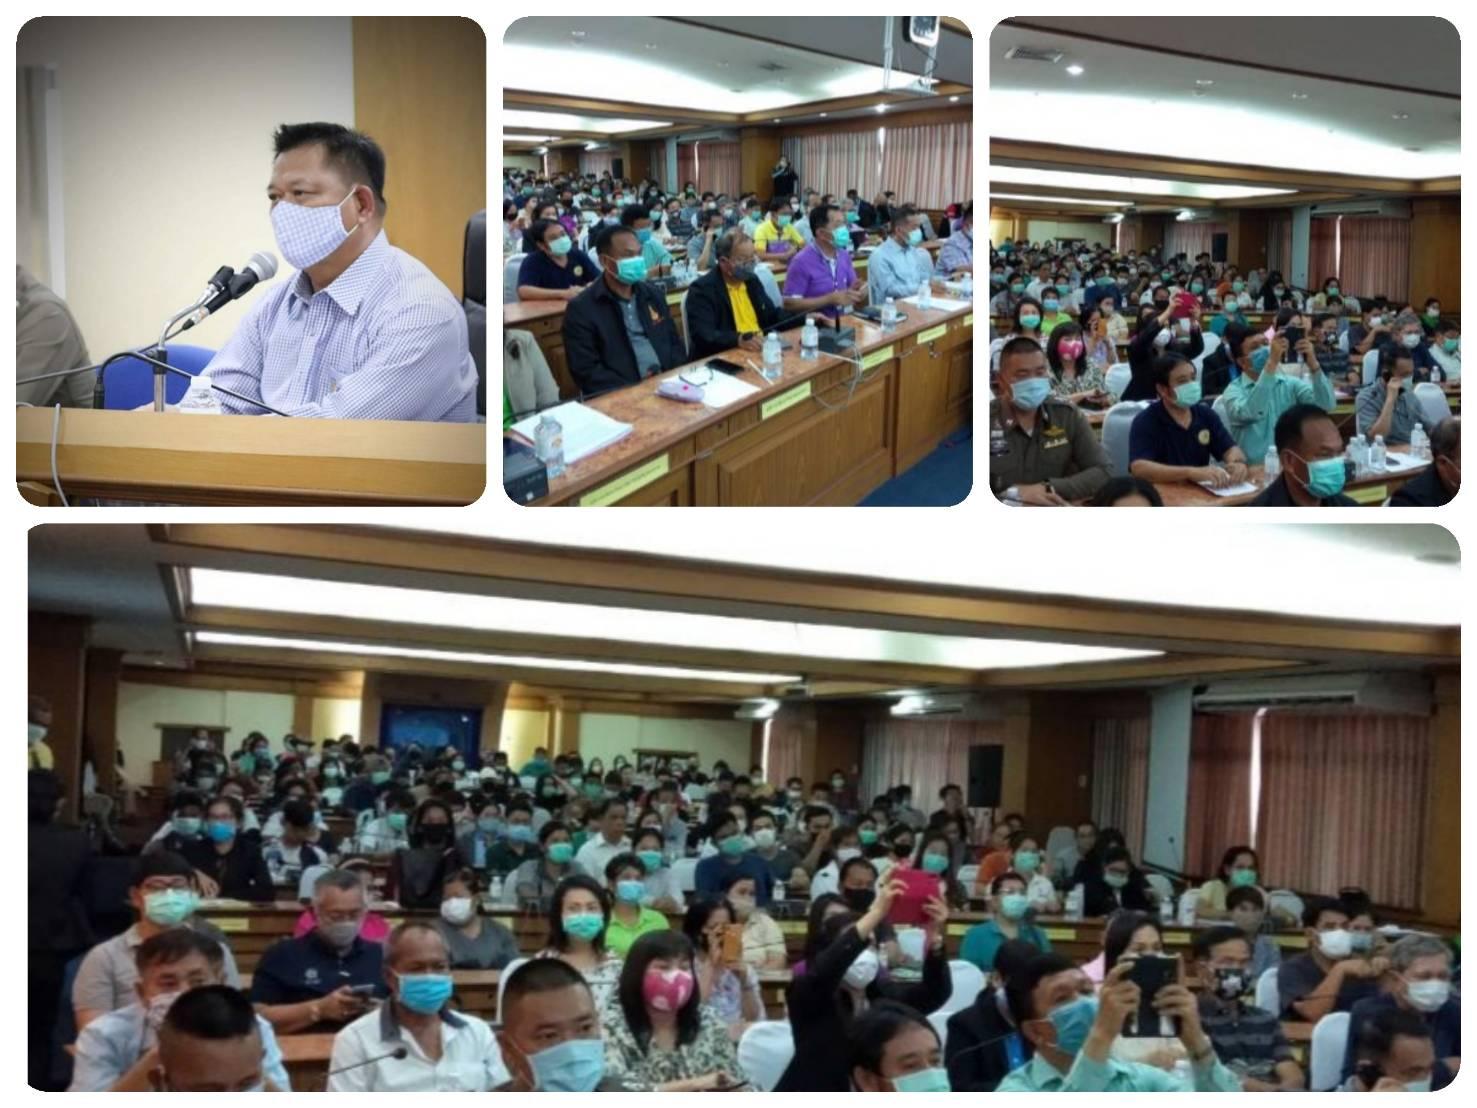 สรจ.พิษณุโลก เข้าร่วมการประชุมผู้ประกอบการสถานบริการในจังหวัดพิษณุโลก เพื่อรับฟังนโยบายป้องกันการแพร่ระบาดของโรคโควิด 2019